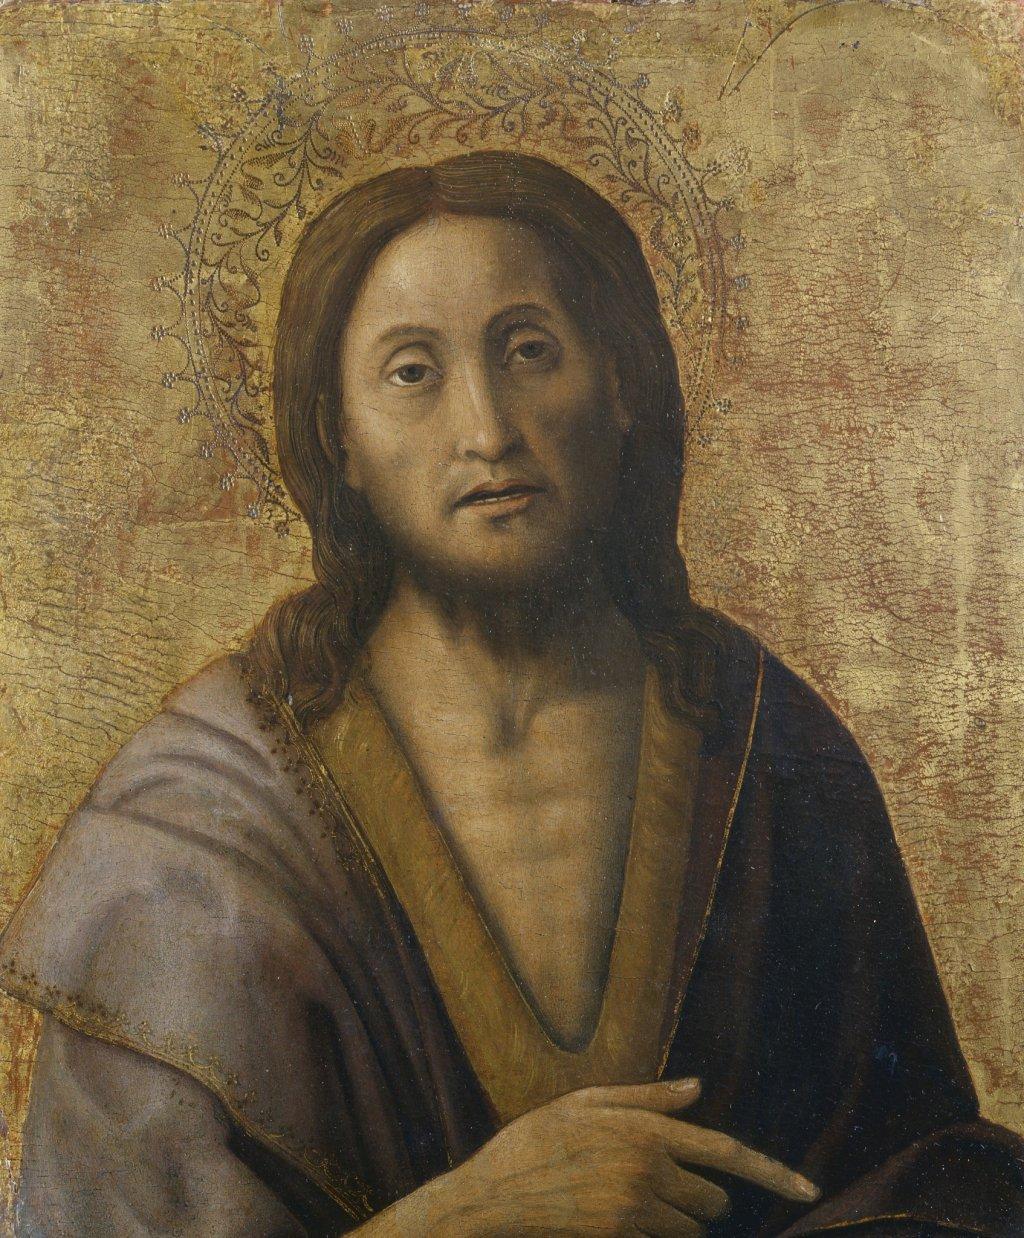 Donato de Bardi